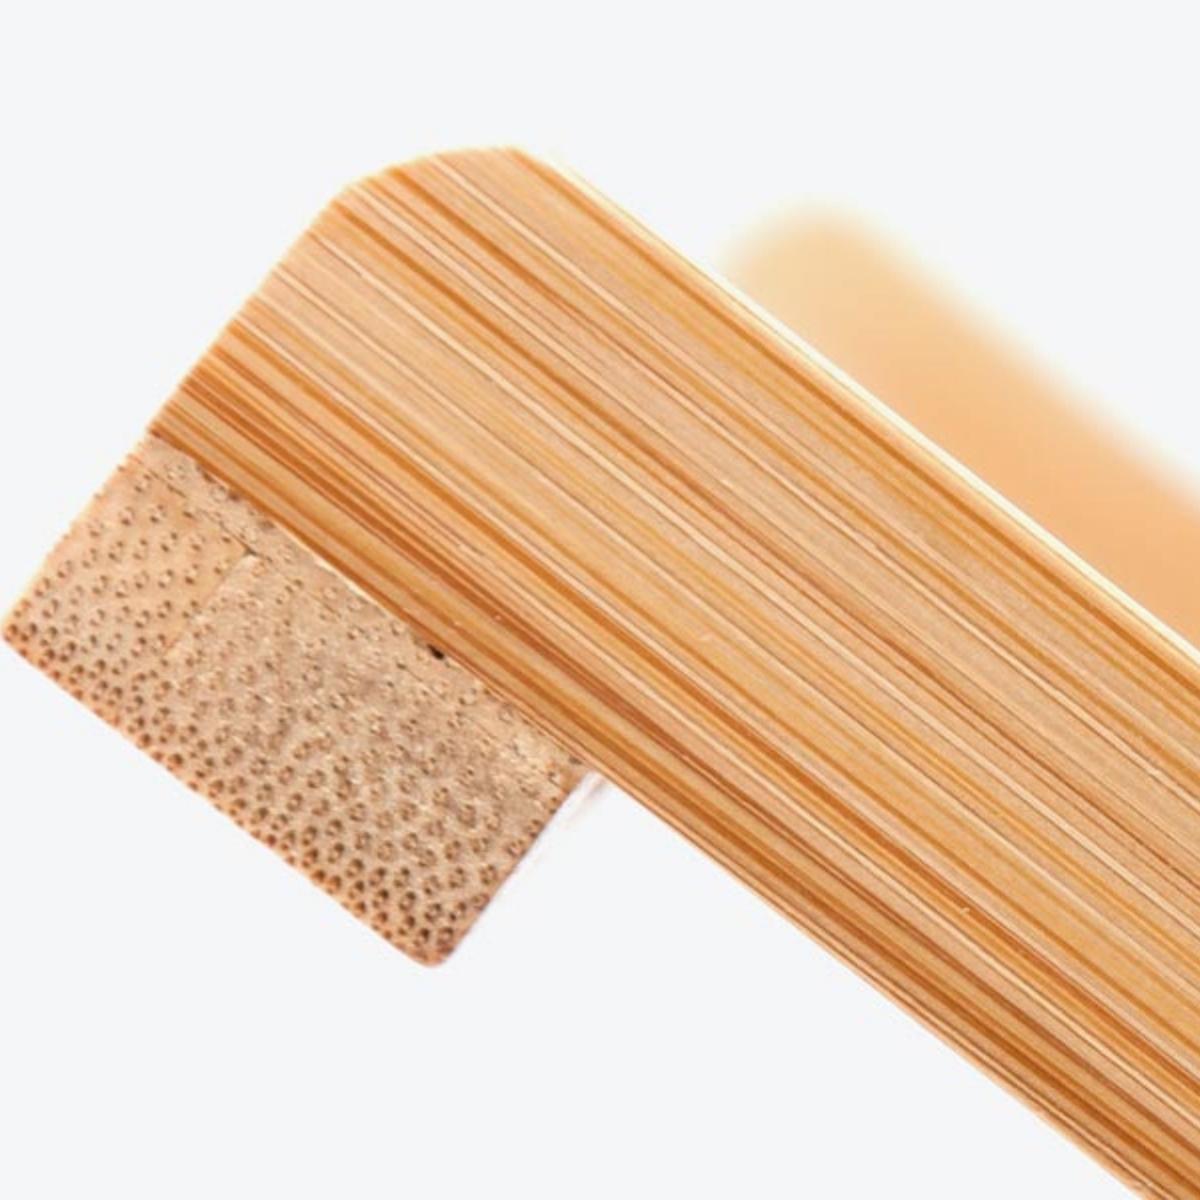 Escorredor de Louças em Bambu Dobrável